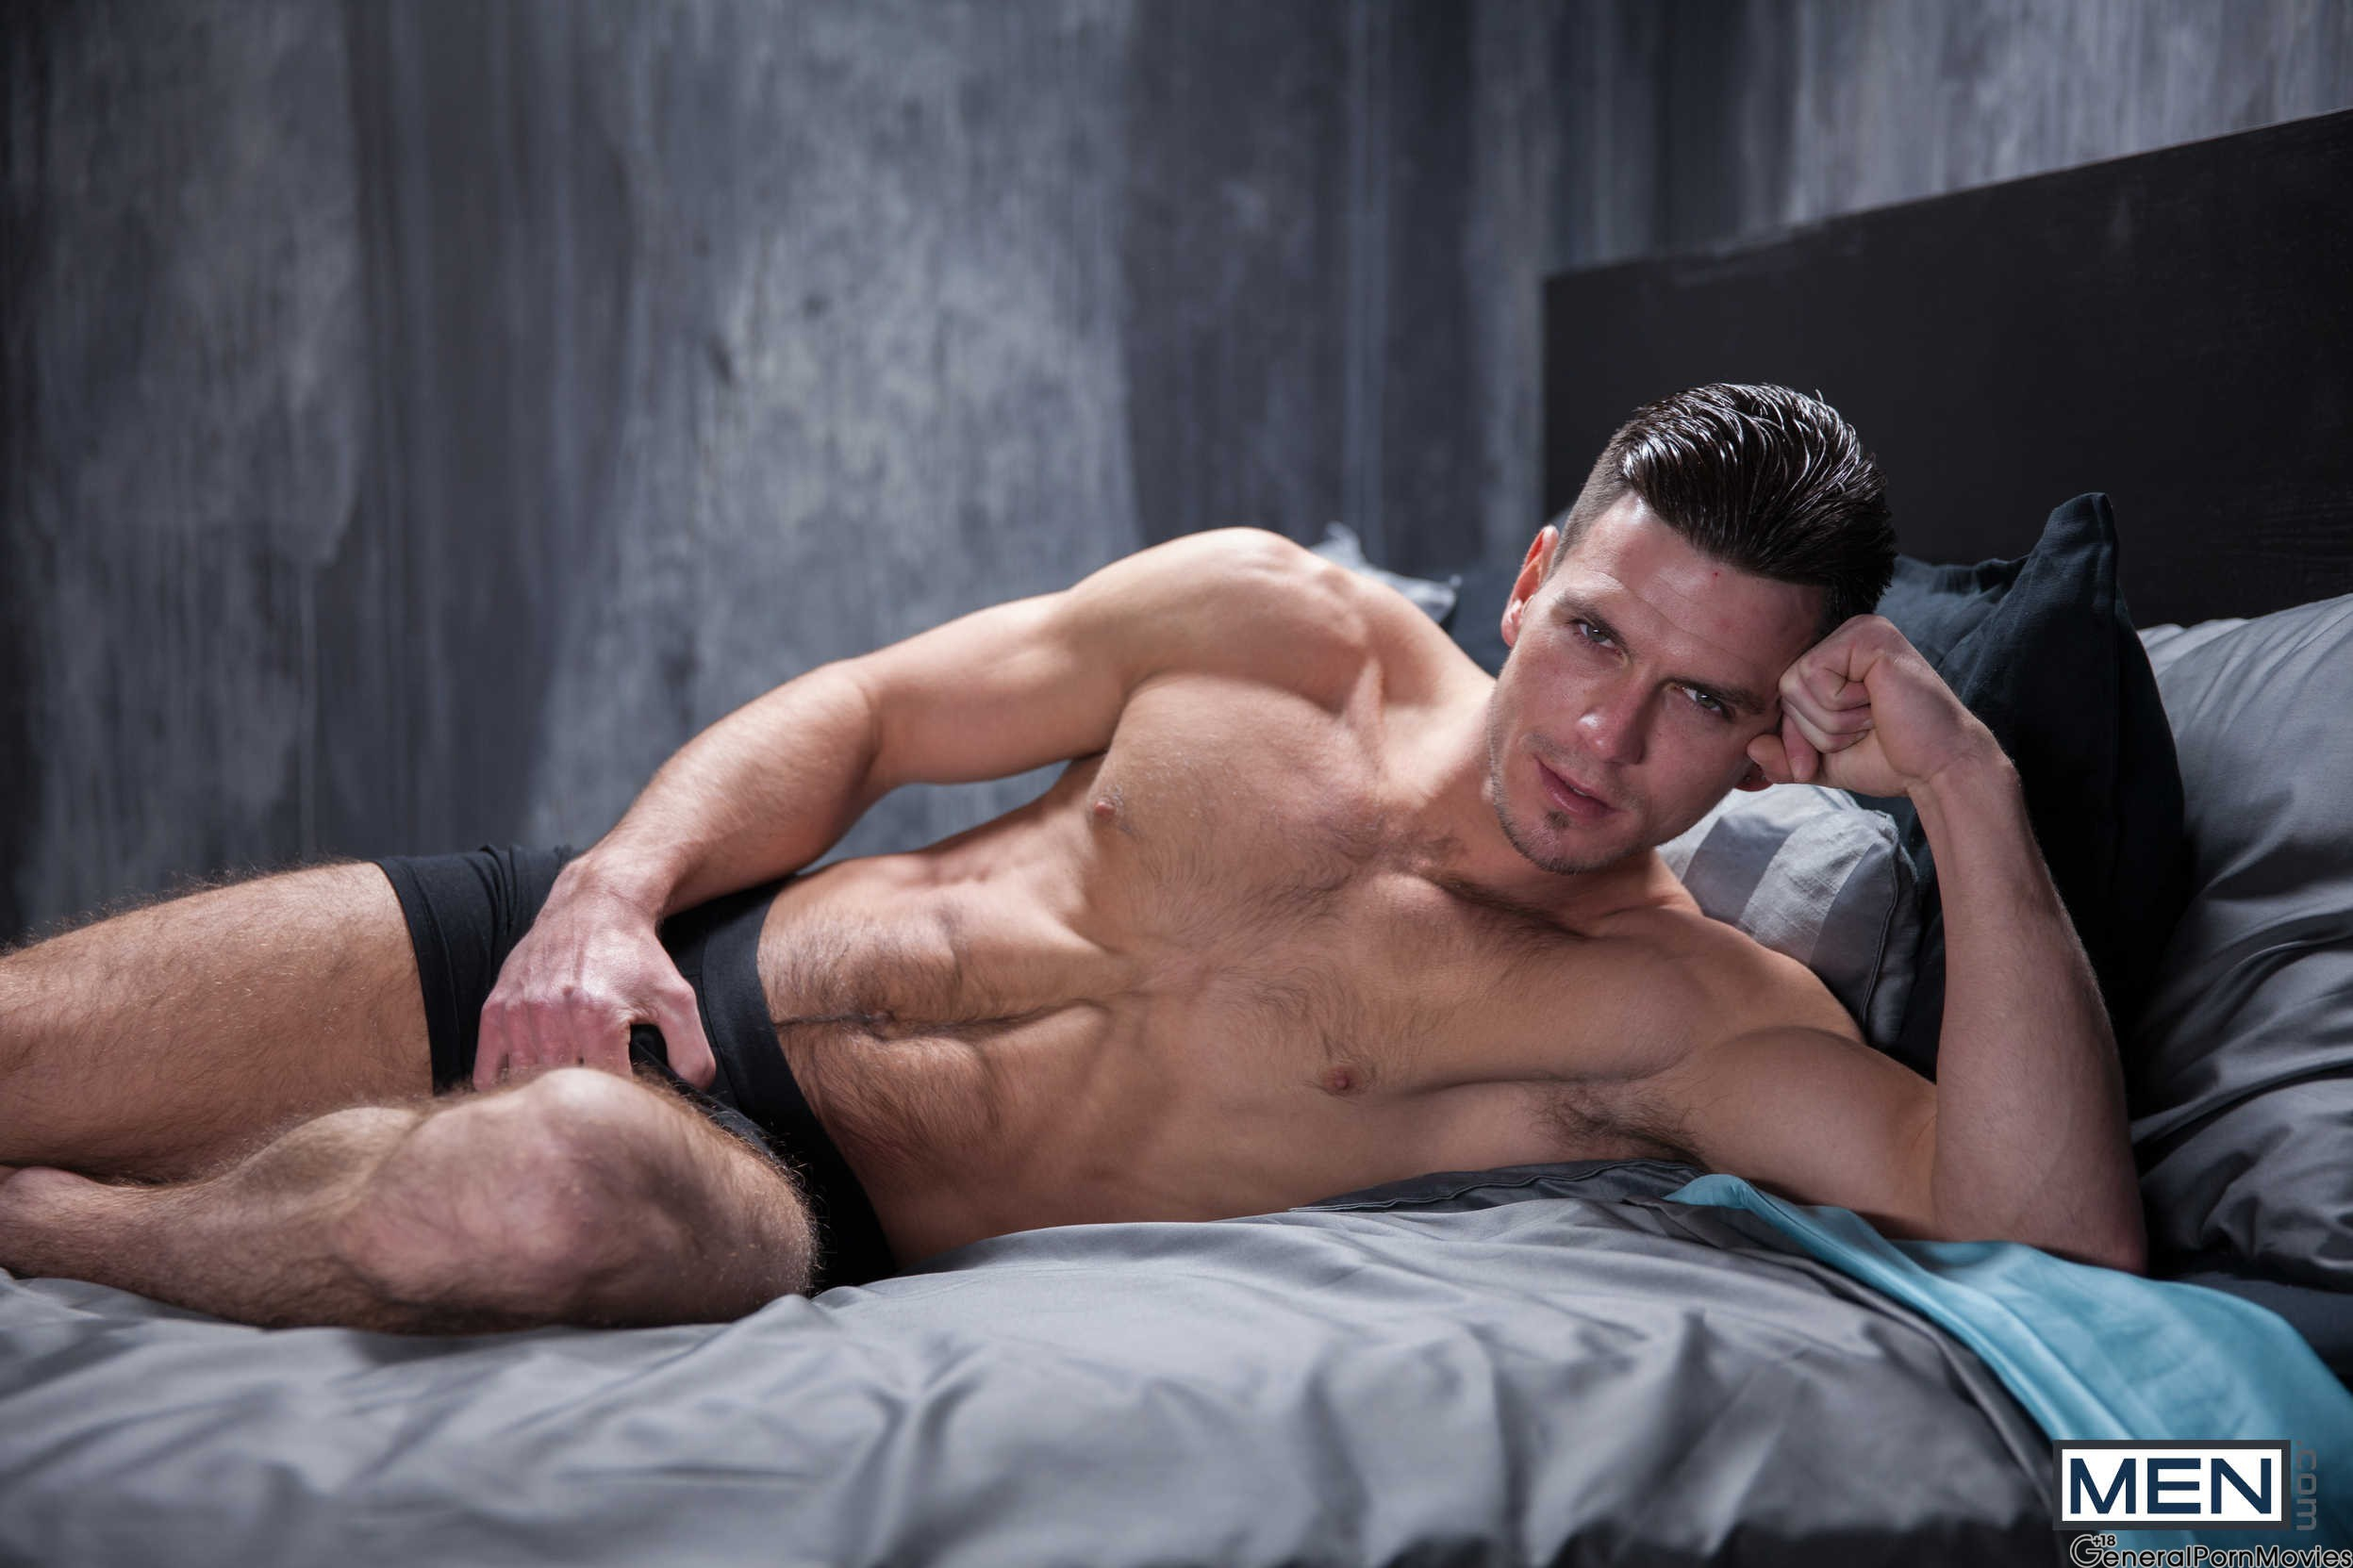 Andrea Suarez Gay Porn Xvideos suite 33 part 2 godsofmen 2014 andrea suarez gay porn